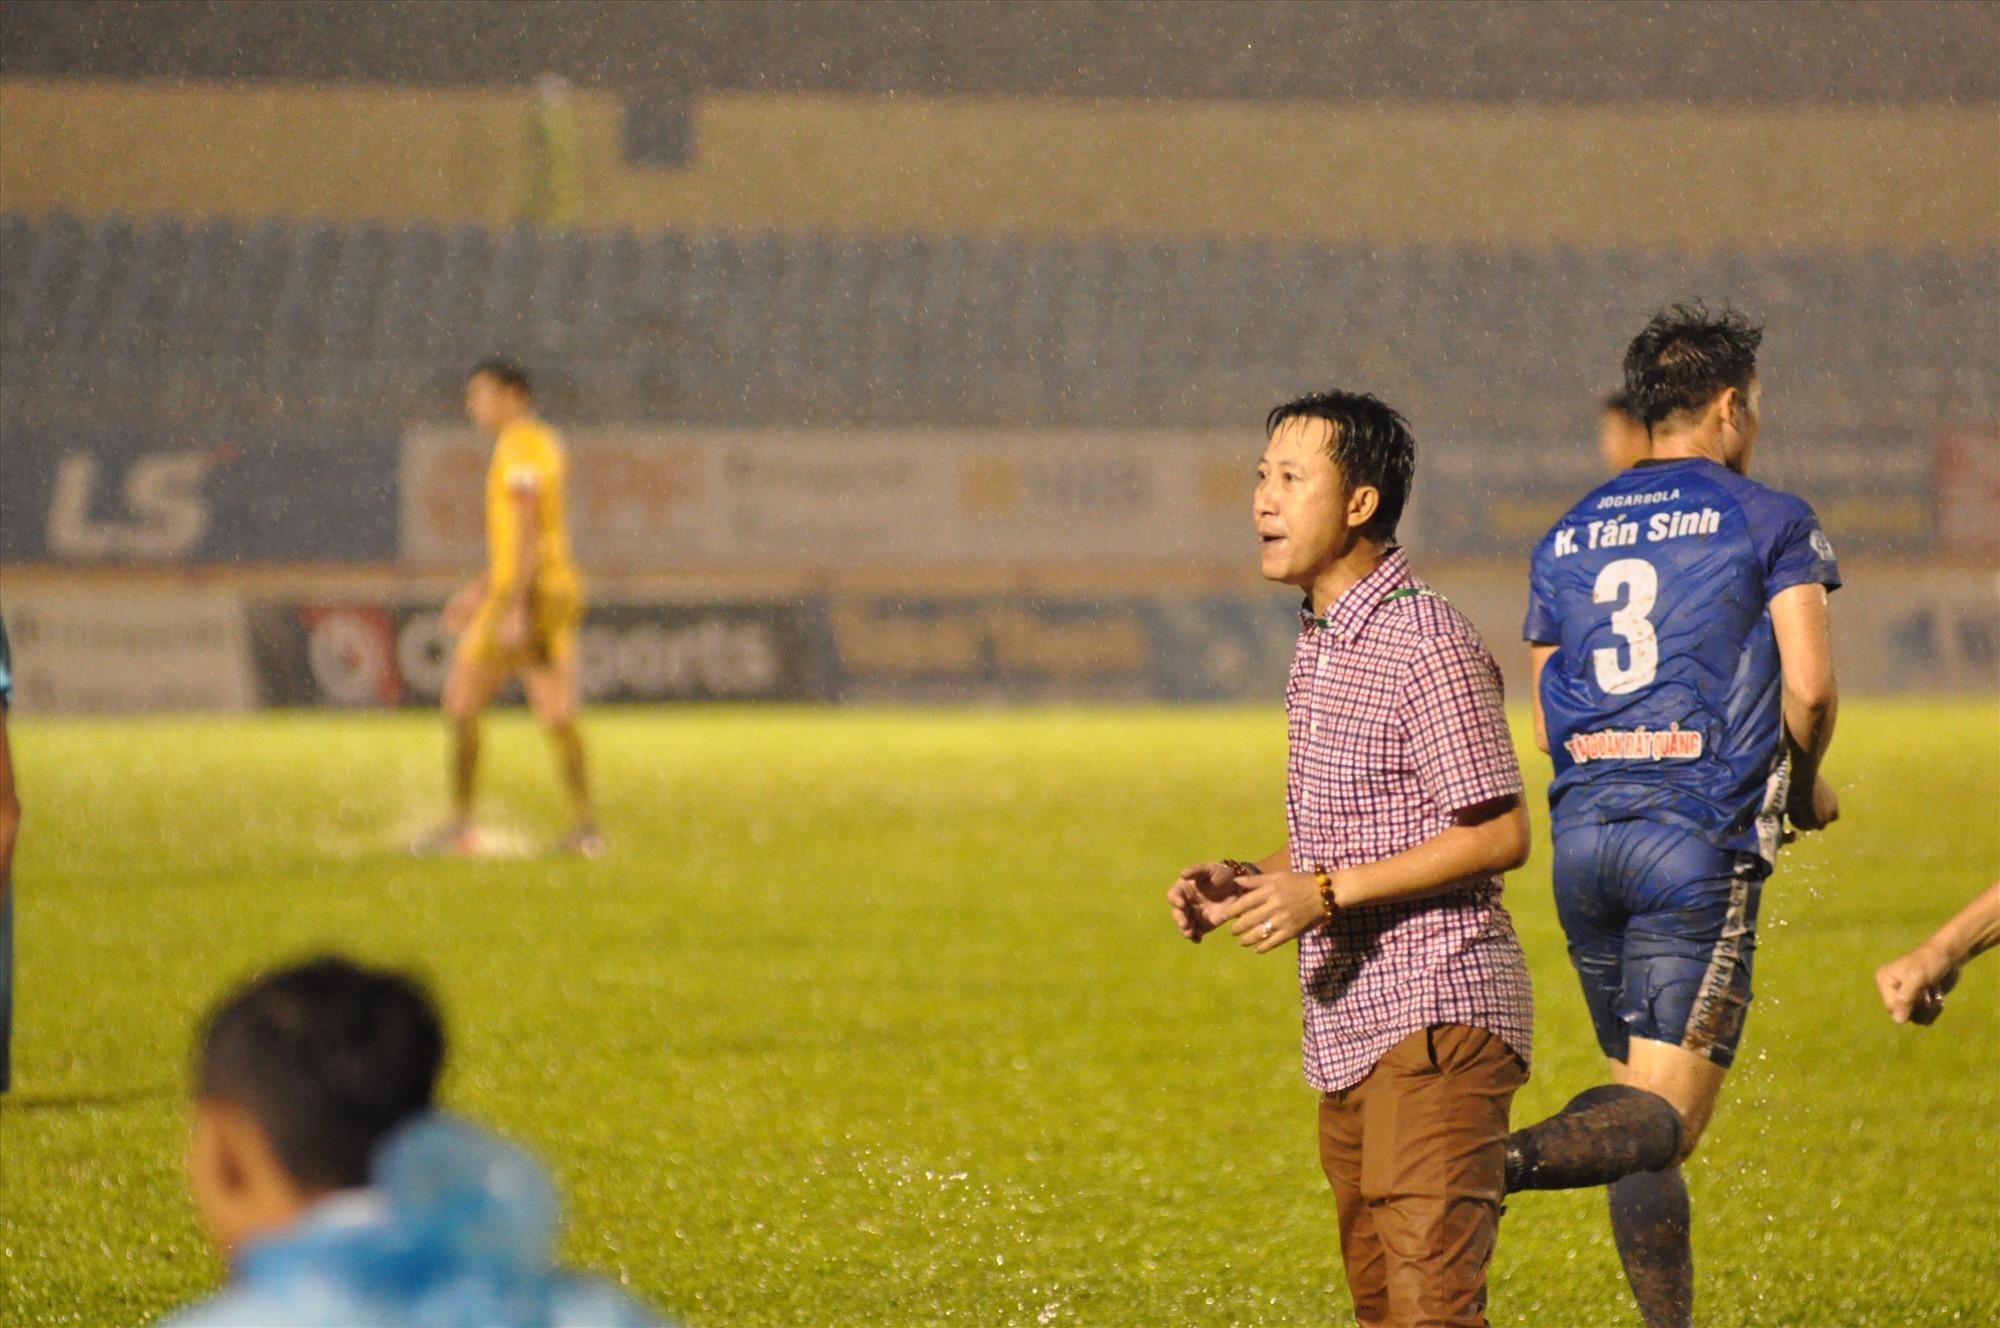 HLV Nguyễn Thành Công dầm mưa chỉ đạo trận đấu. Ảnh: T.V